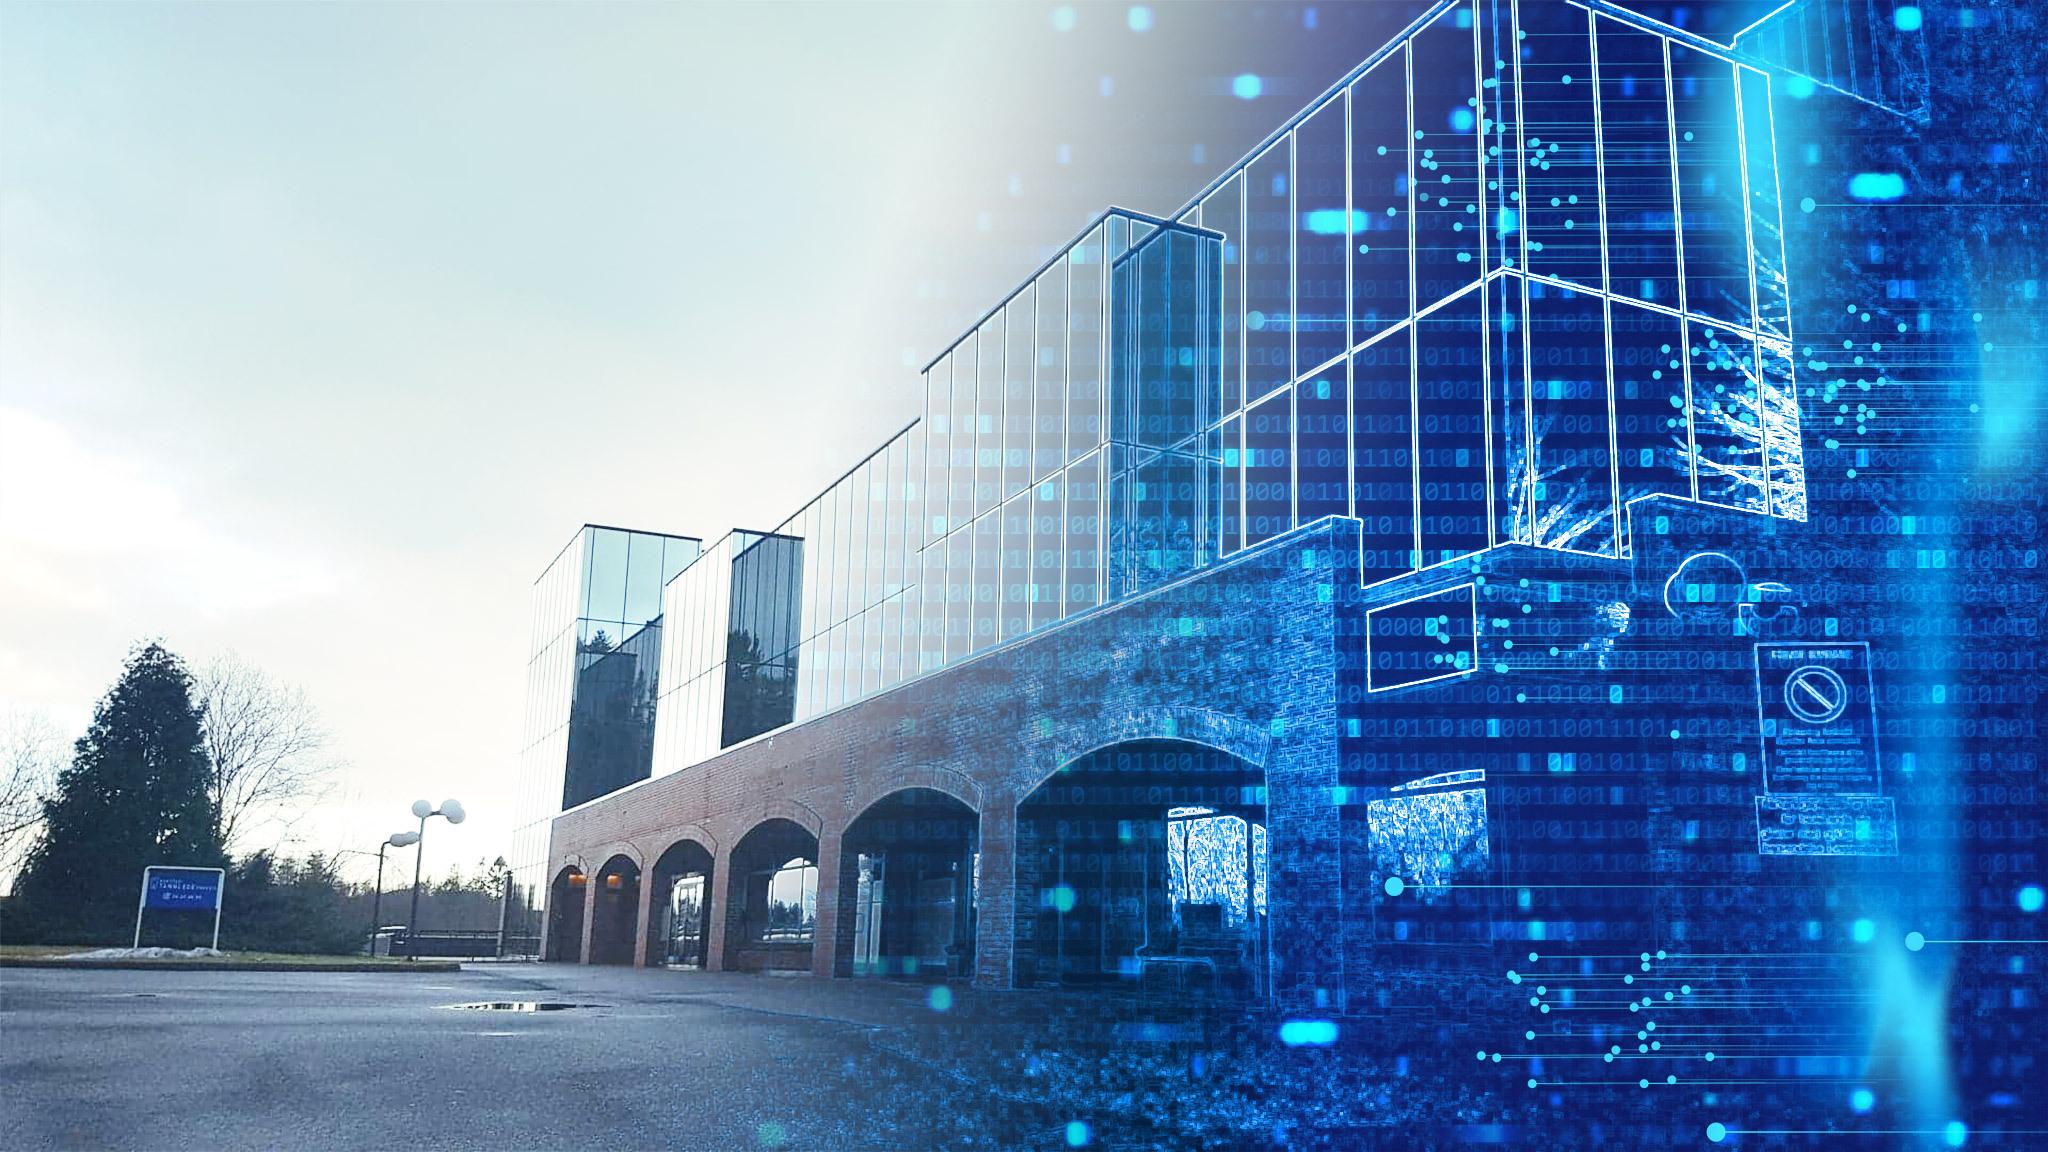 Toma og Energy Control inngår proptech-samarbeid for å digitalisere 300 bygg i løpet av 2021